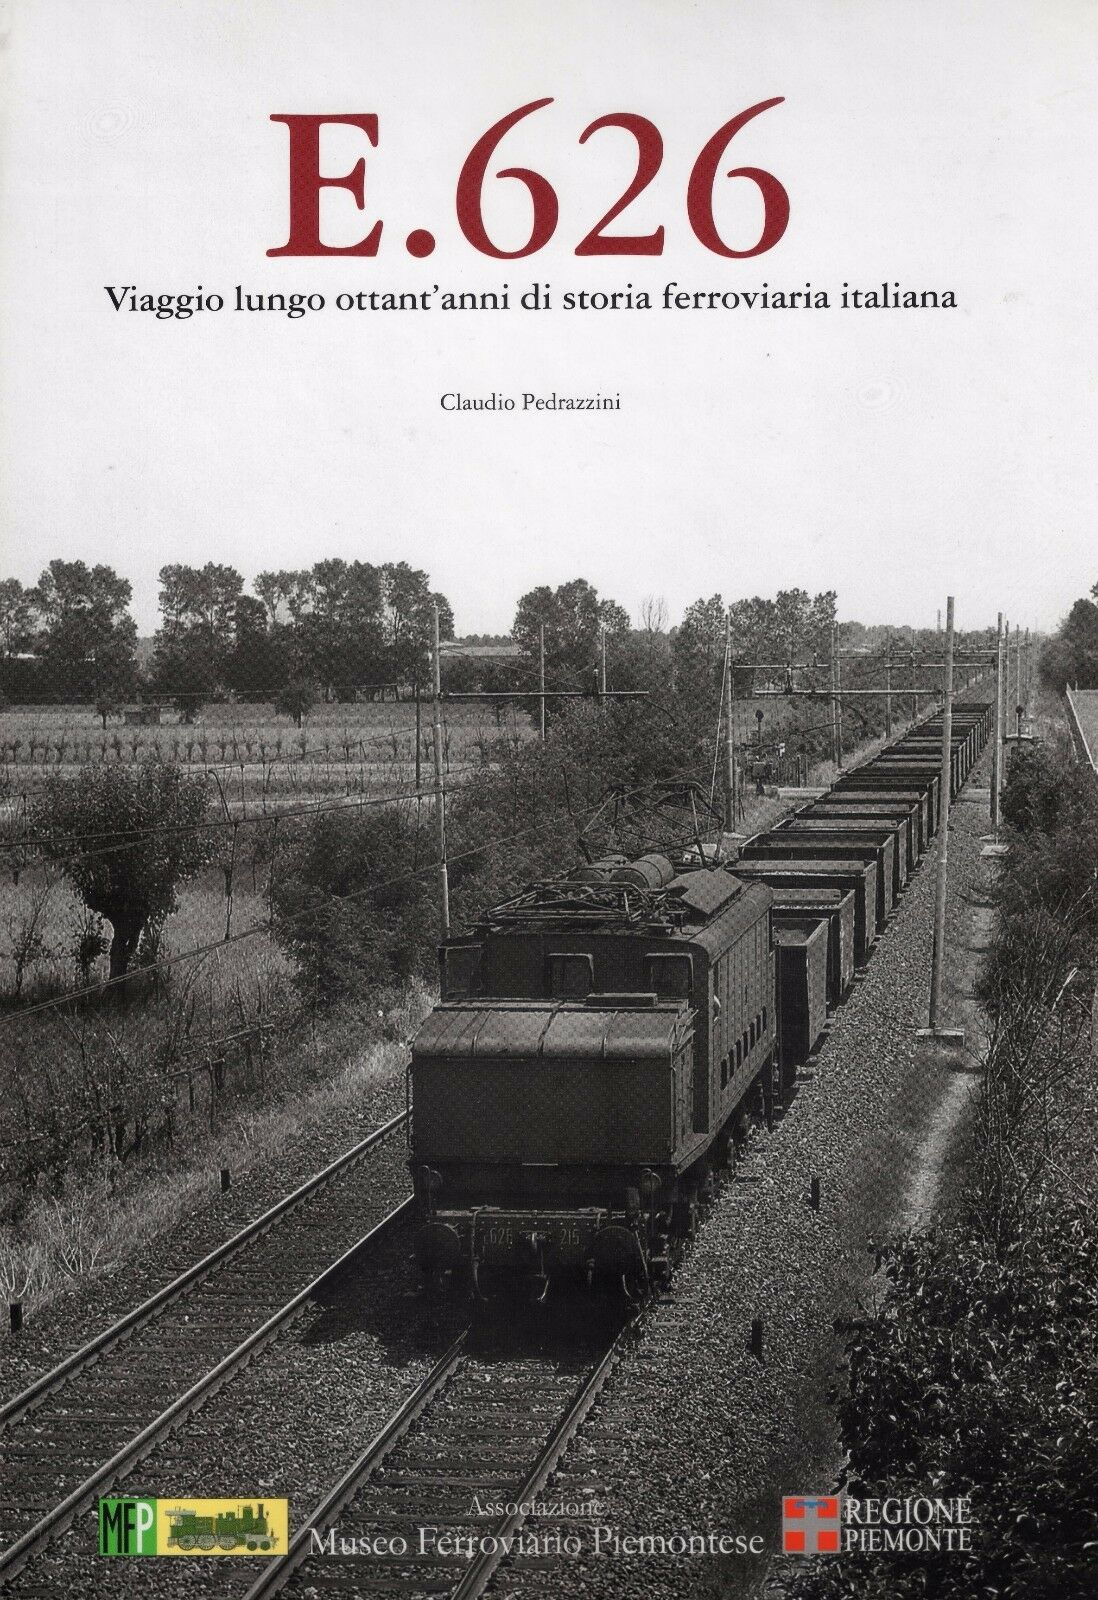 E. 626 Viaggio lungo ottant'anni di storia ferroviaria italiana